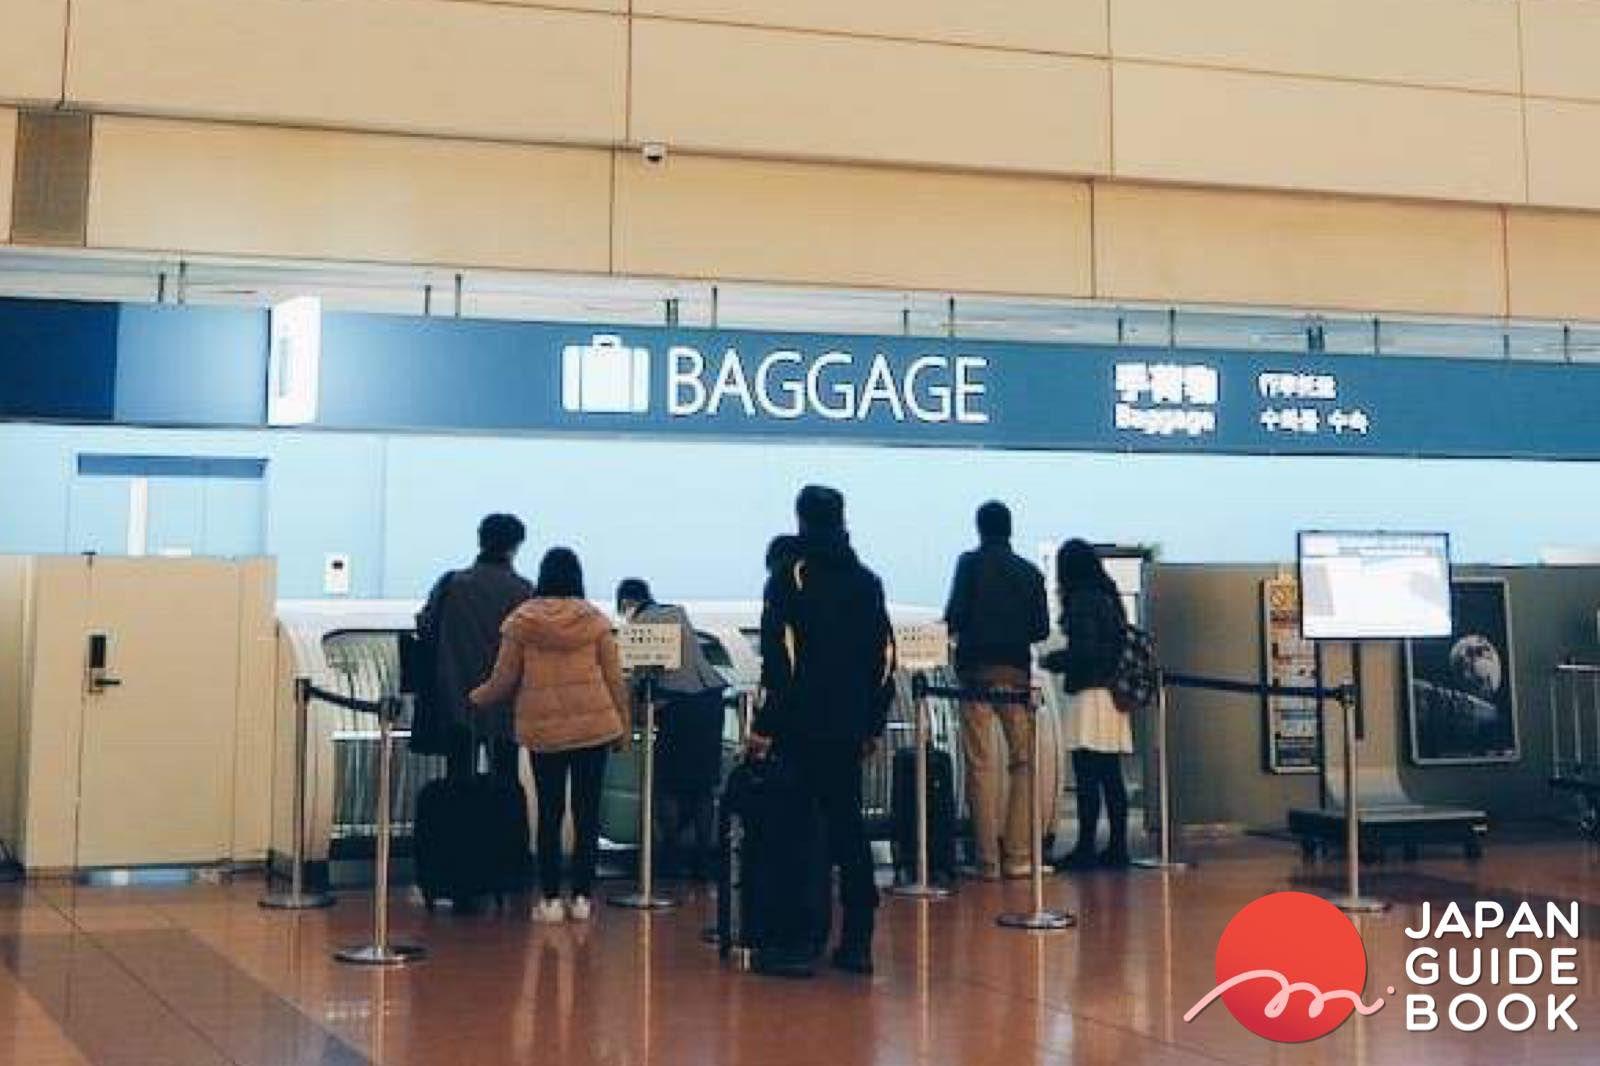 เครื่องเช็คอินอัตโนมัติที่สนามบินฮาเนดะโตเกียว